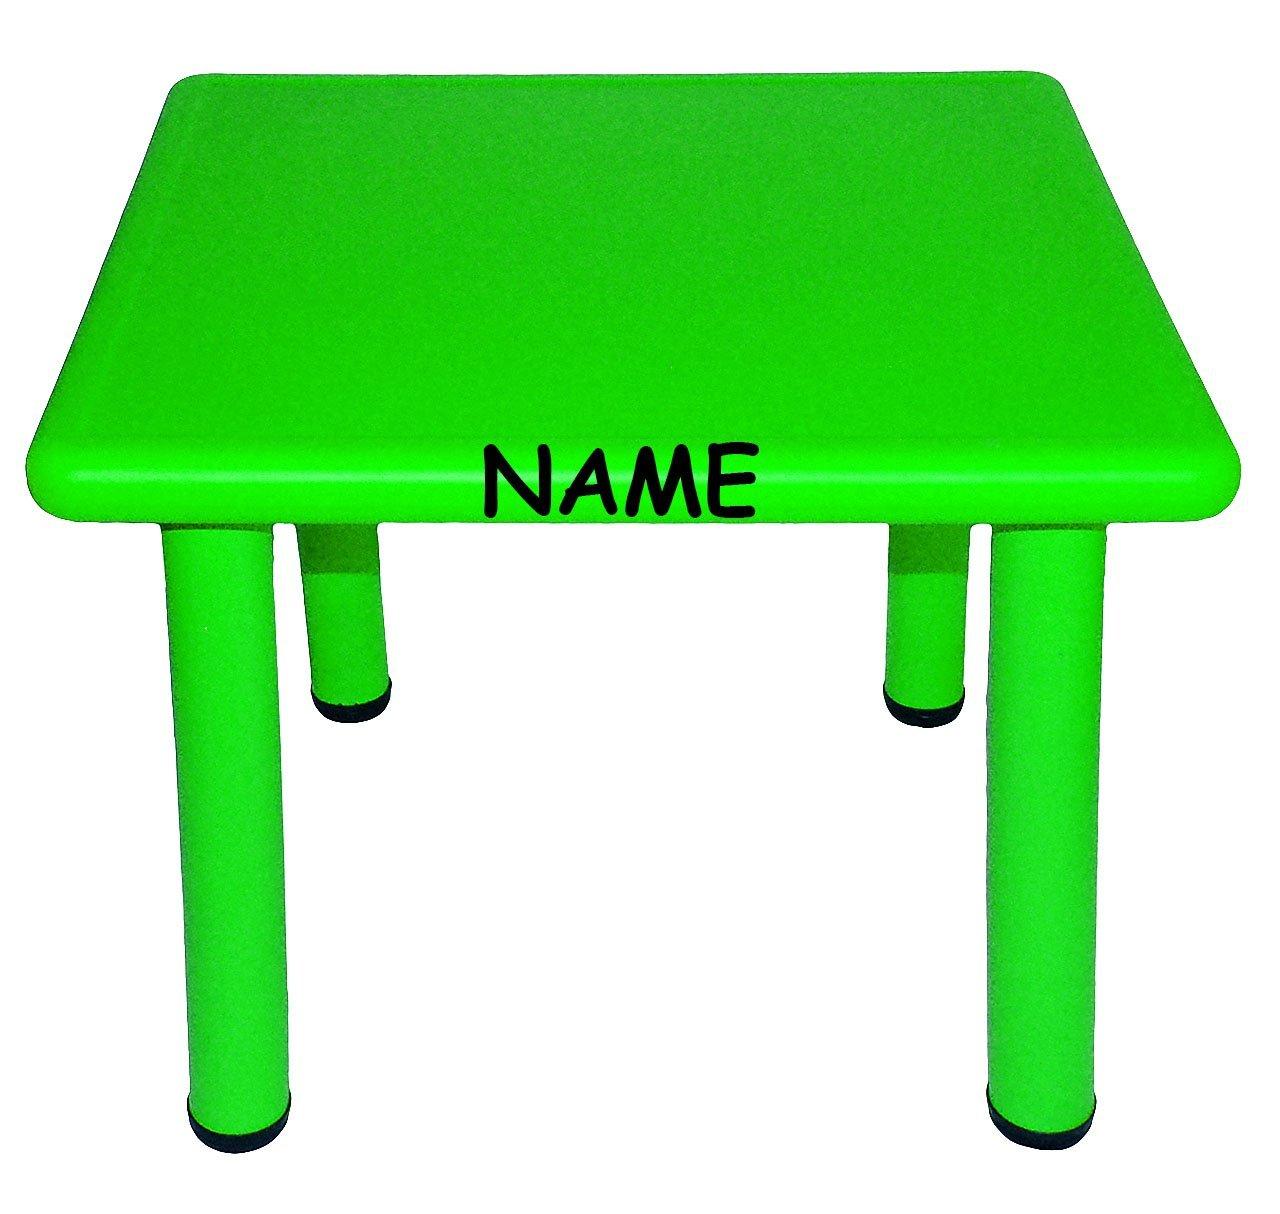 Tisch für Kinder - GRÜN - incl. Namen - für INNEN & AUßEN ...